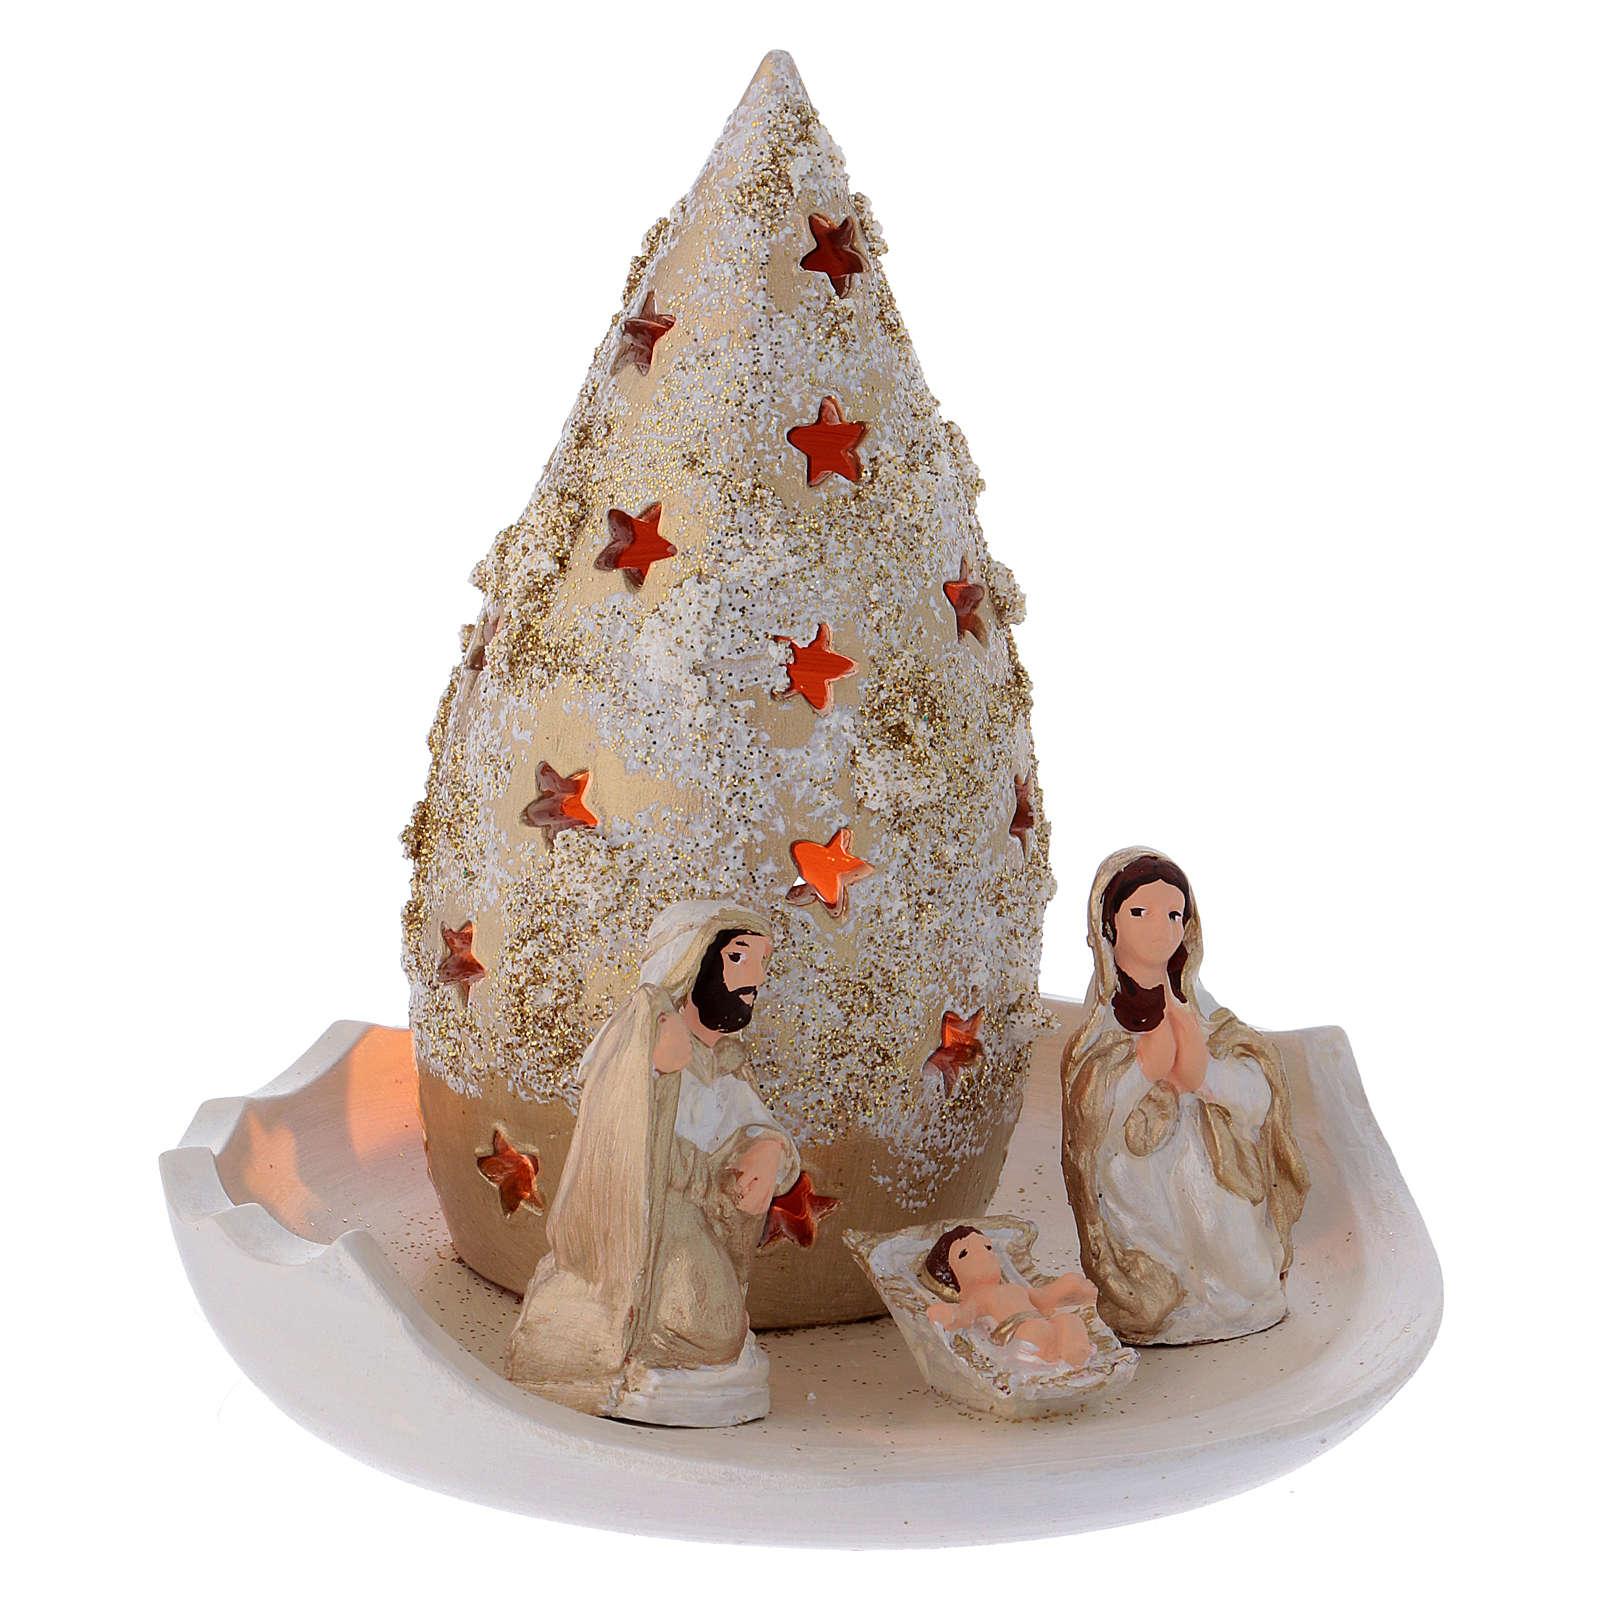 Piattino con Albero di Natale e Natività oro e avorio in terracotta Deruta 4